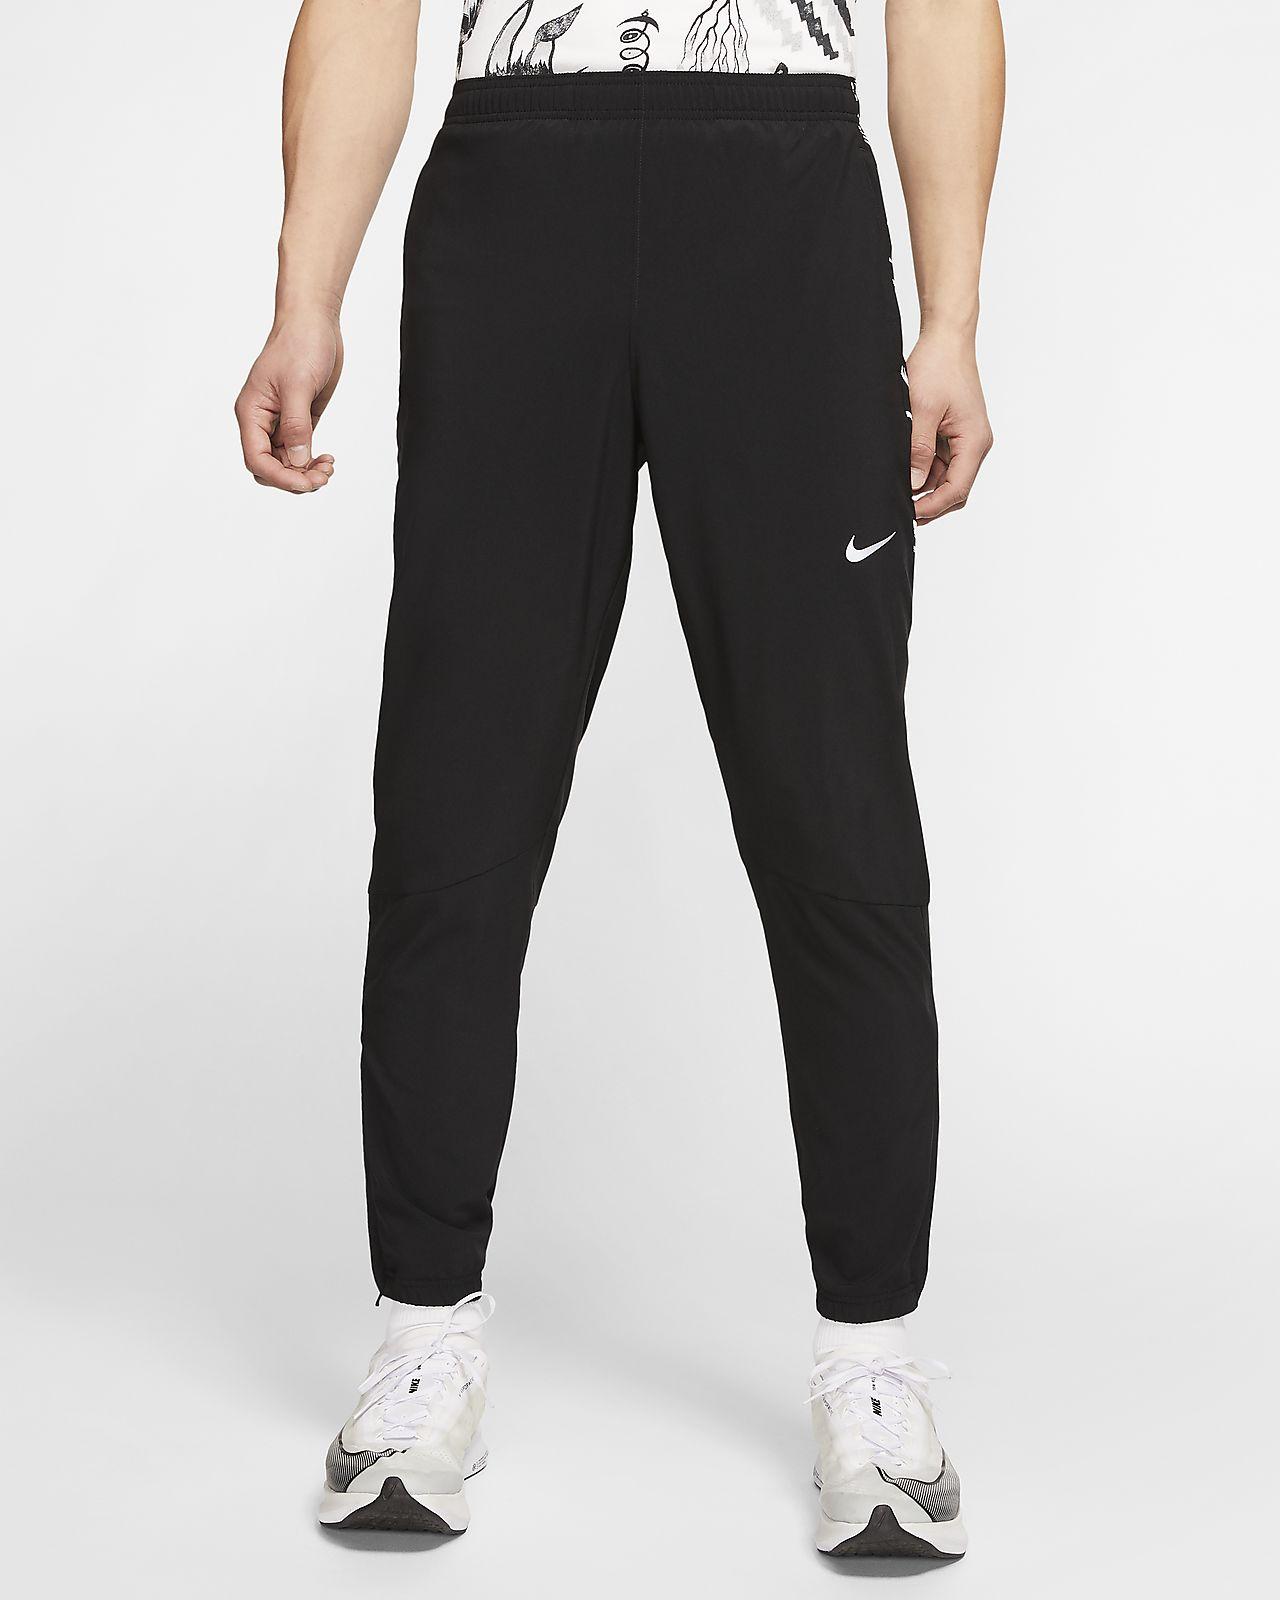 pantaloni running uomo nike